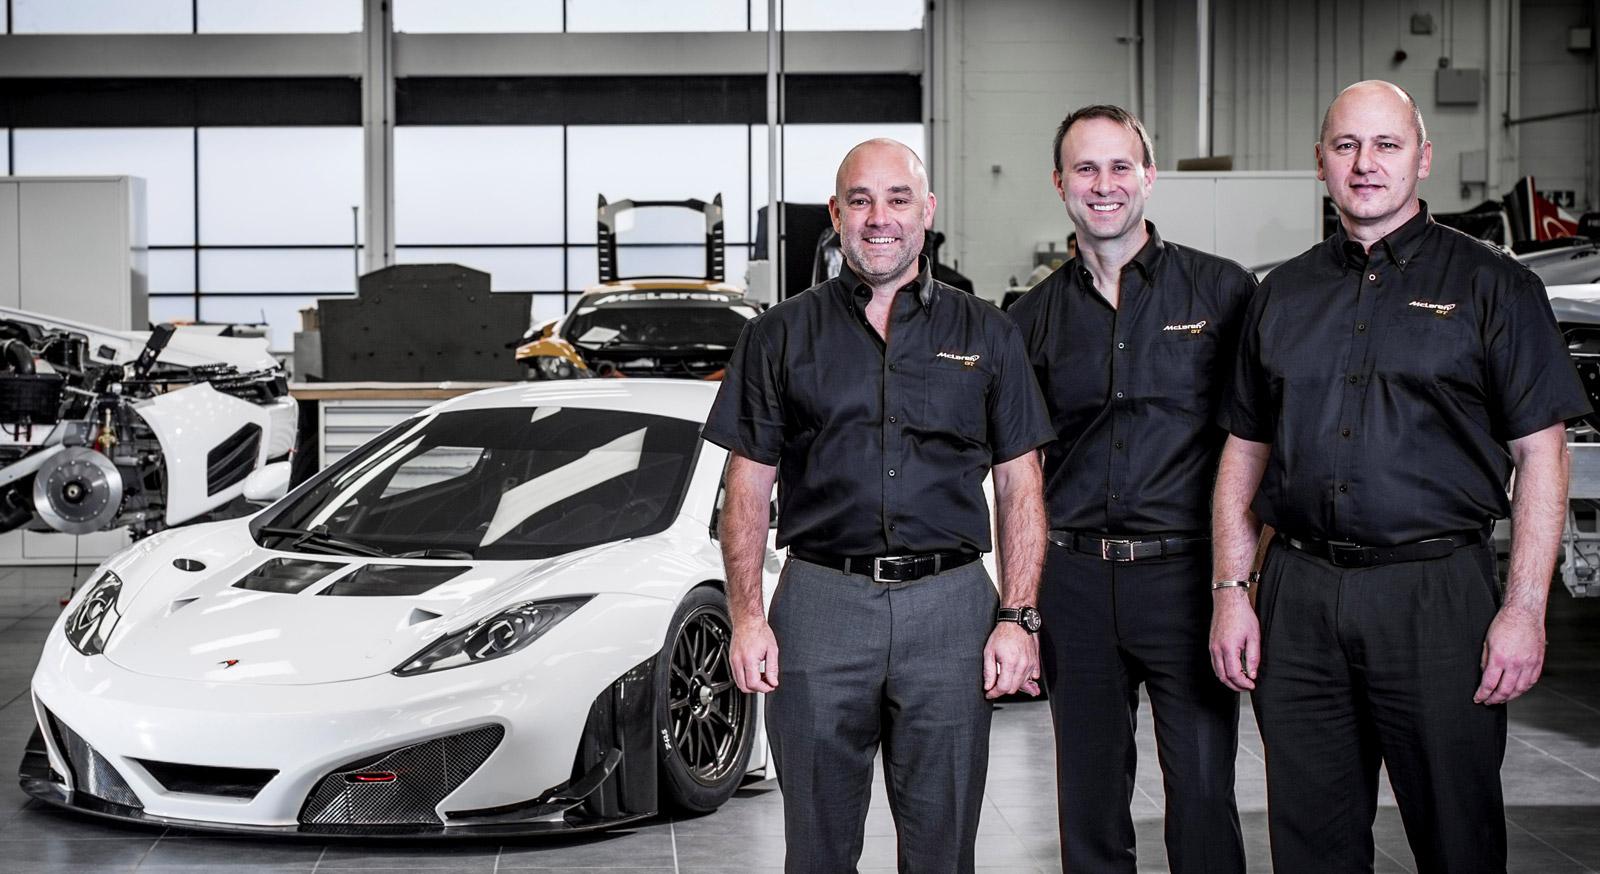 White Dodge Challenger >> F1 Engineers Join McLaren GT